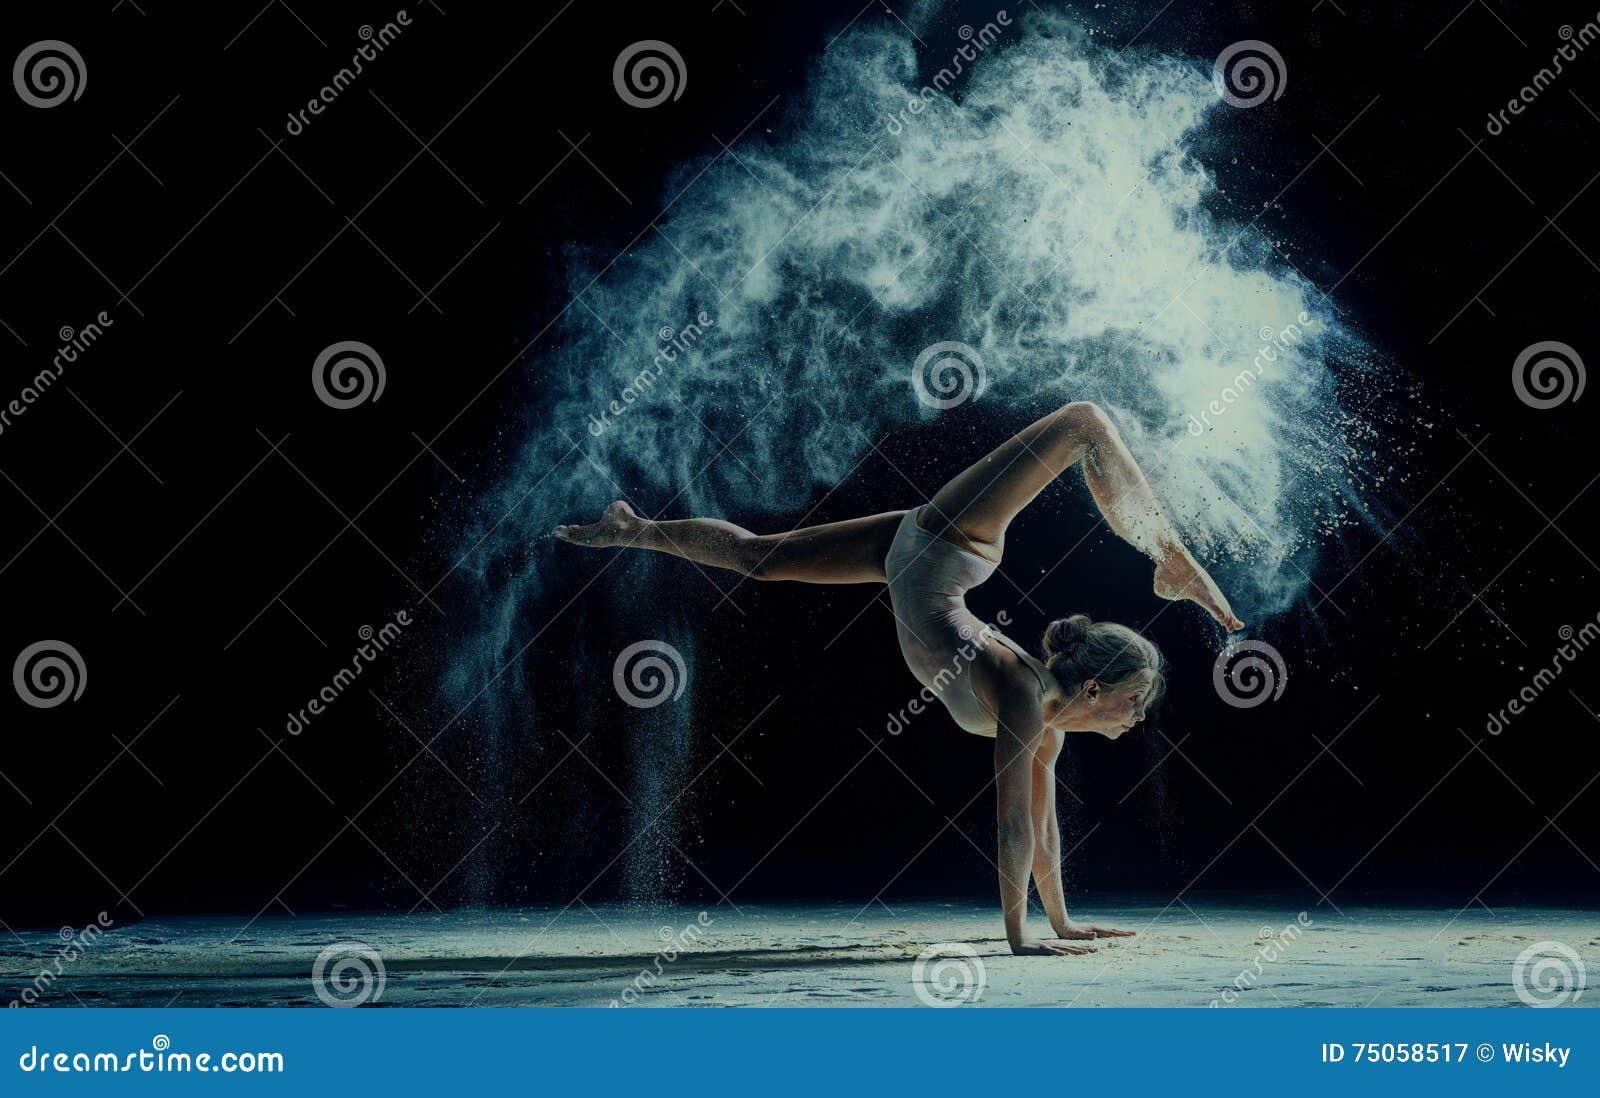 Pełen wdzięku kobieta taniec w chmurze pył